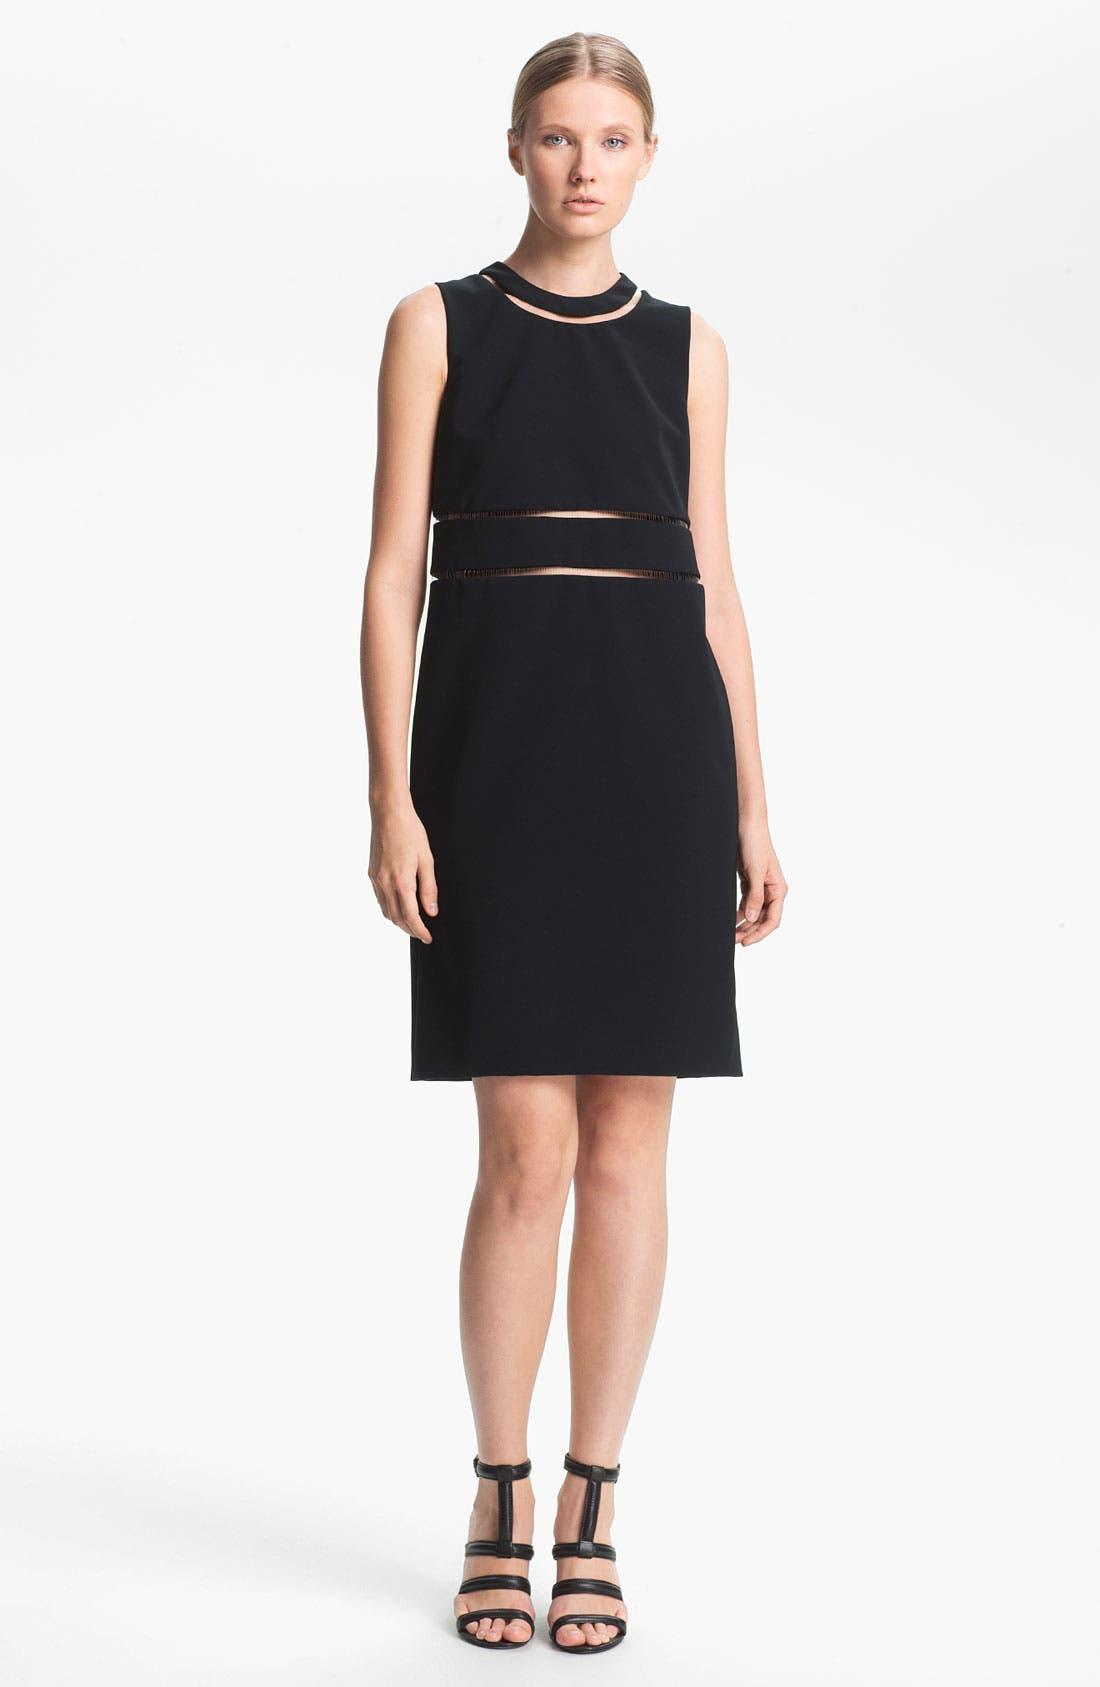 Alternate Image 1 Selected - Alexander Wang Crepe Dress